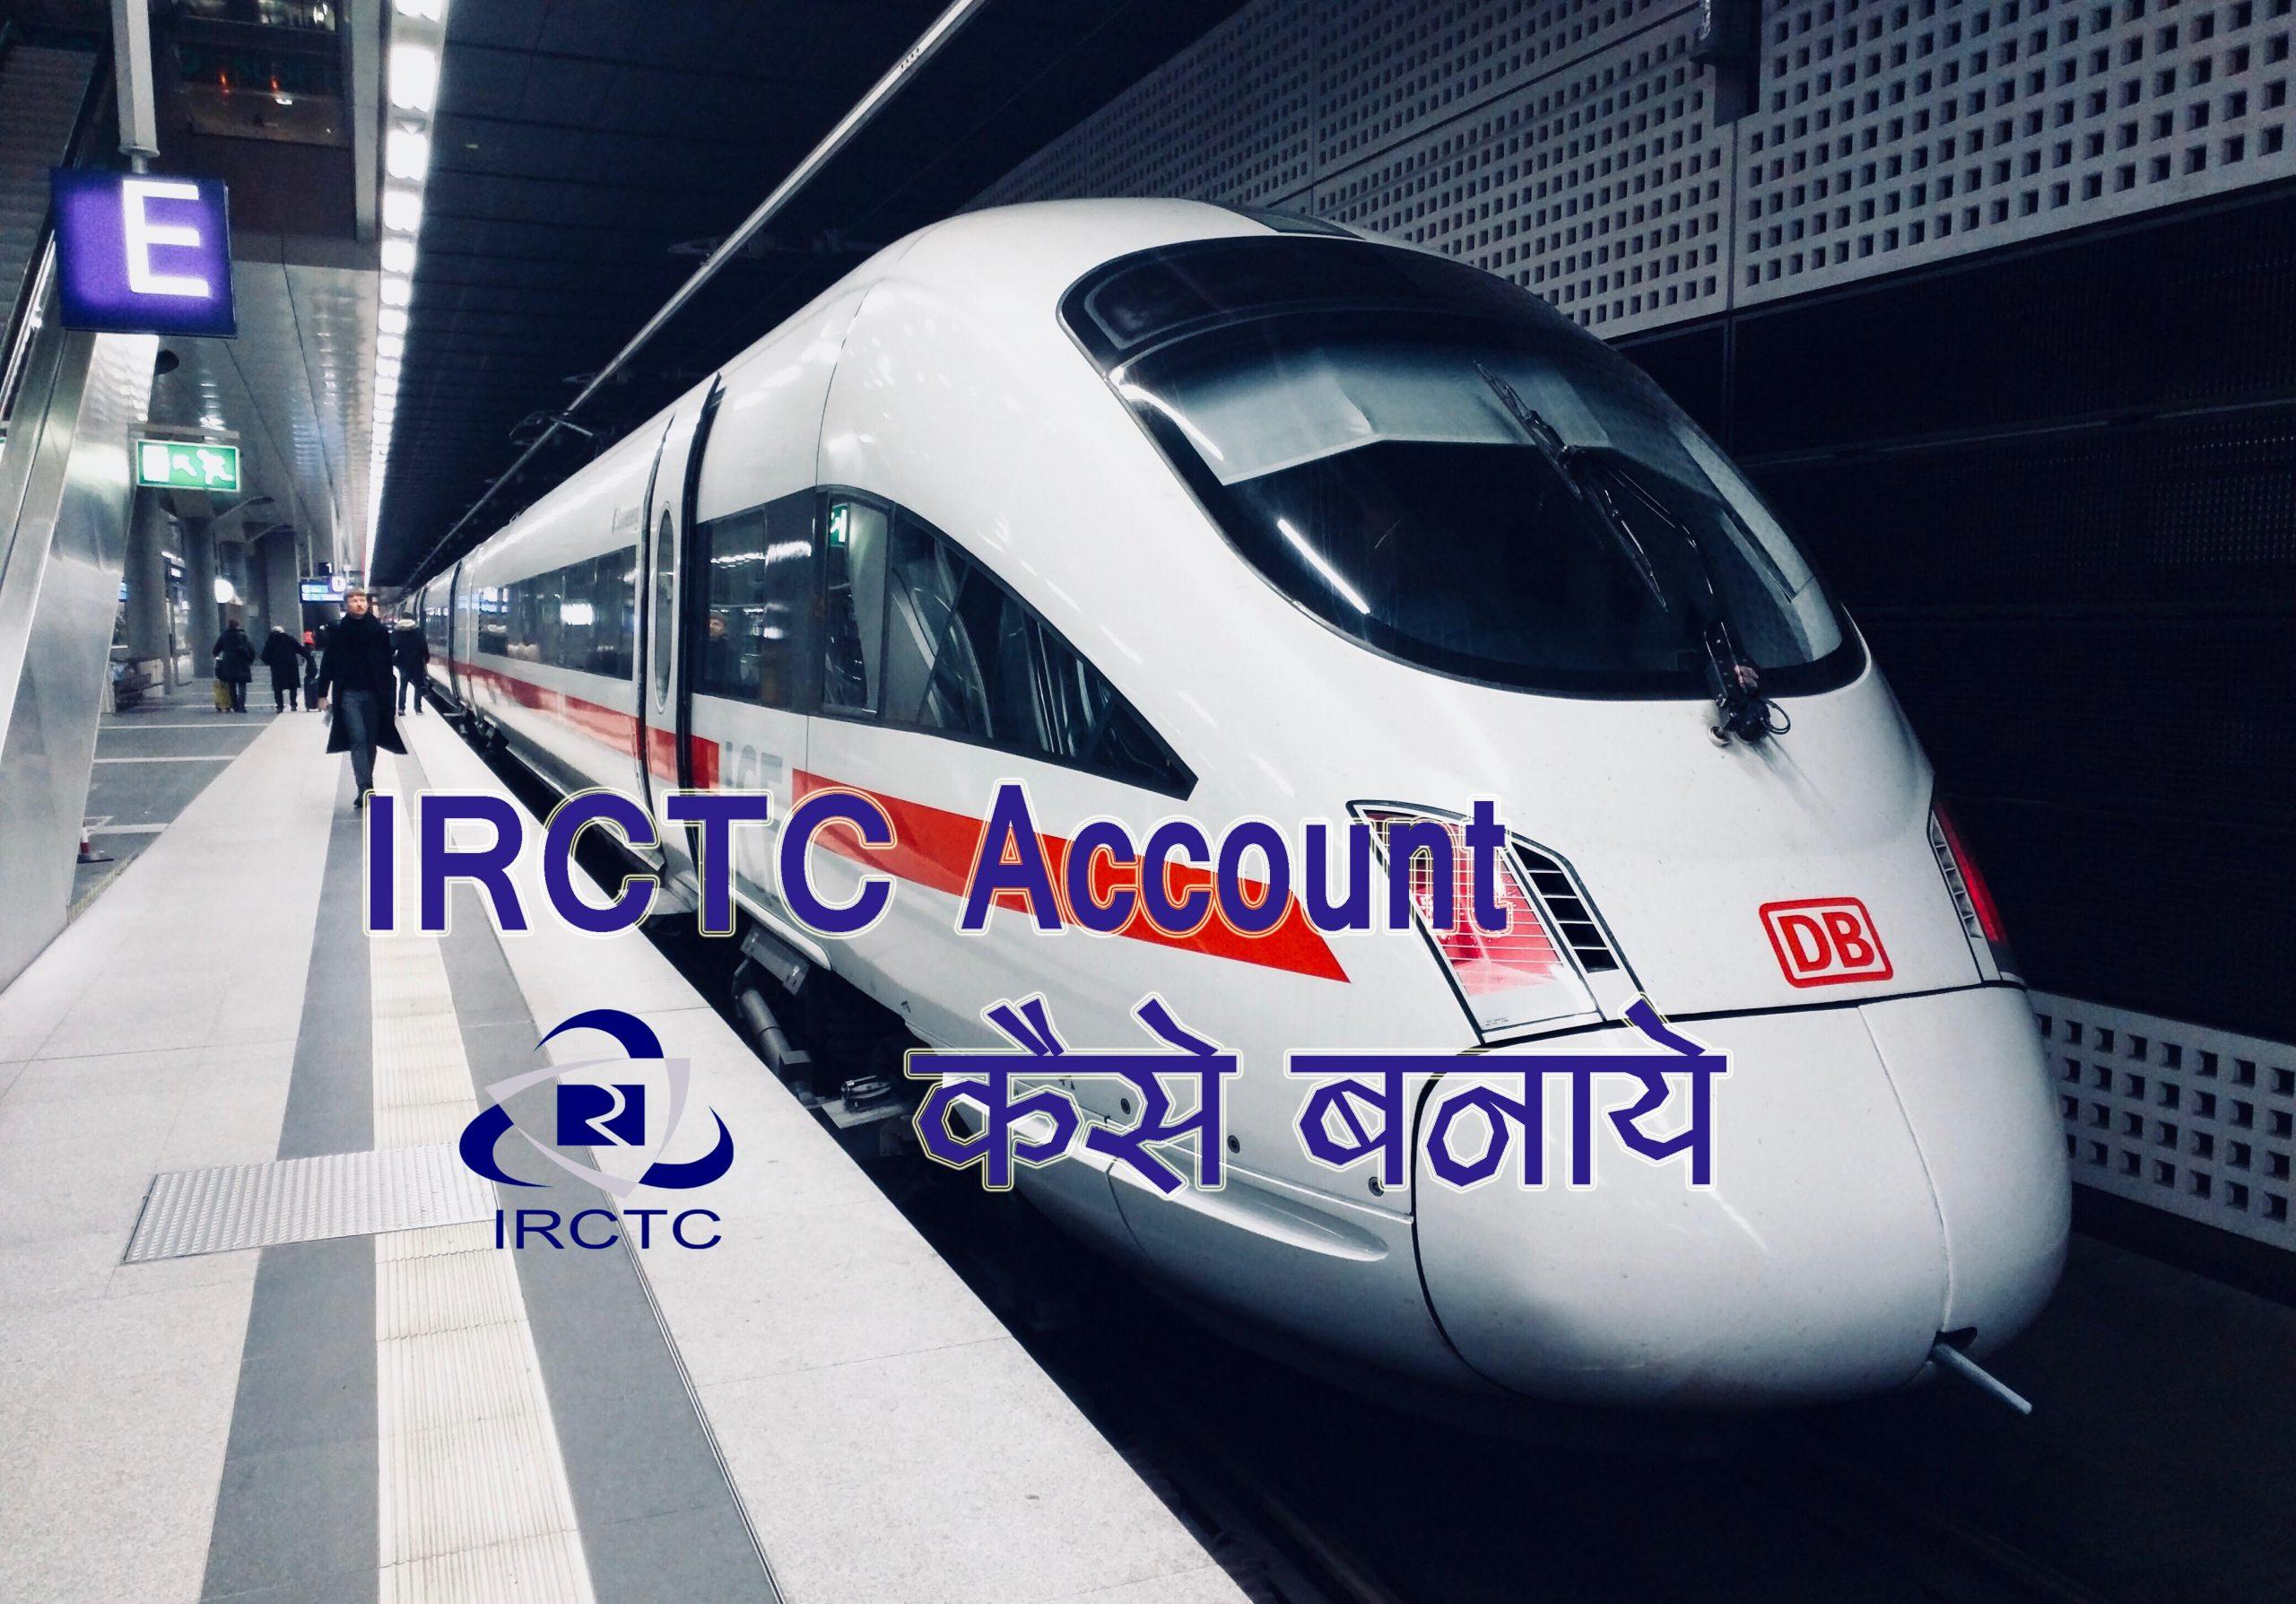 IRCTC Account